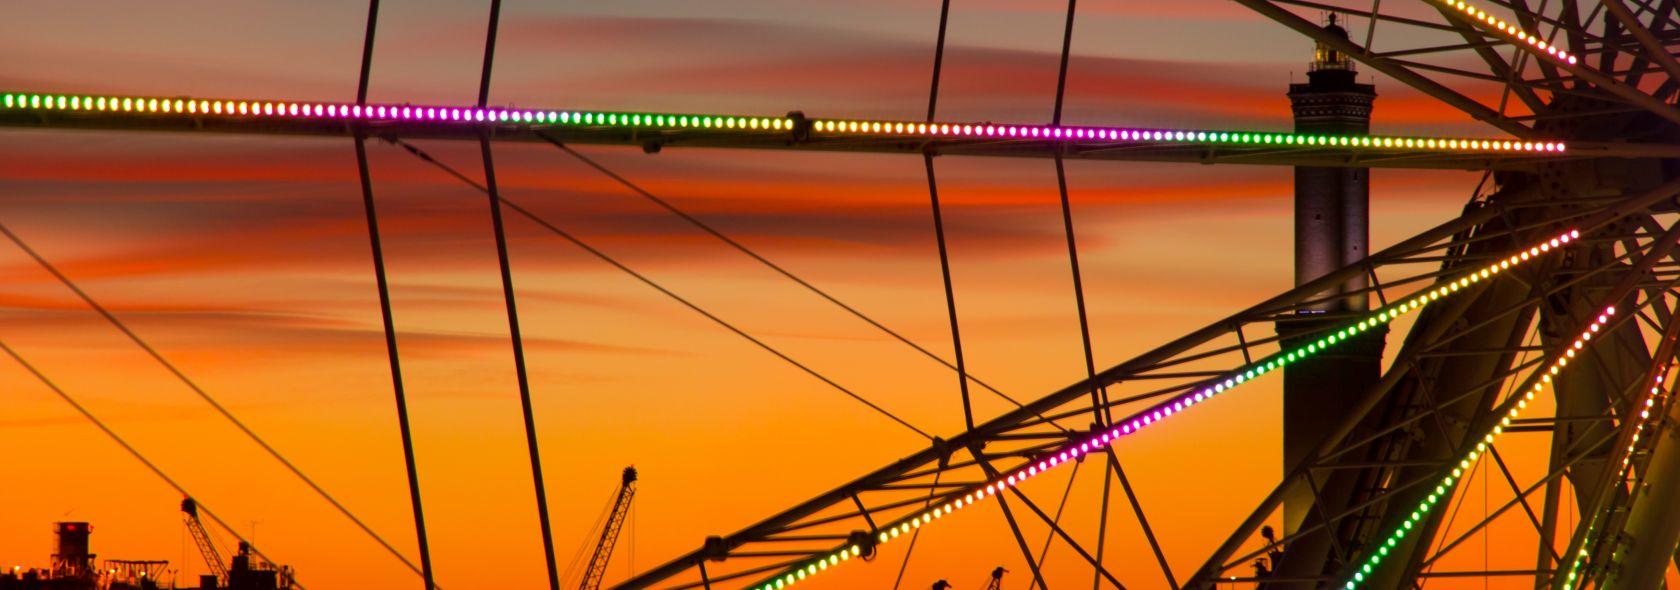 La Lanterna dietro alla ruota panoramica